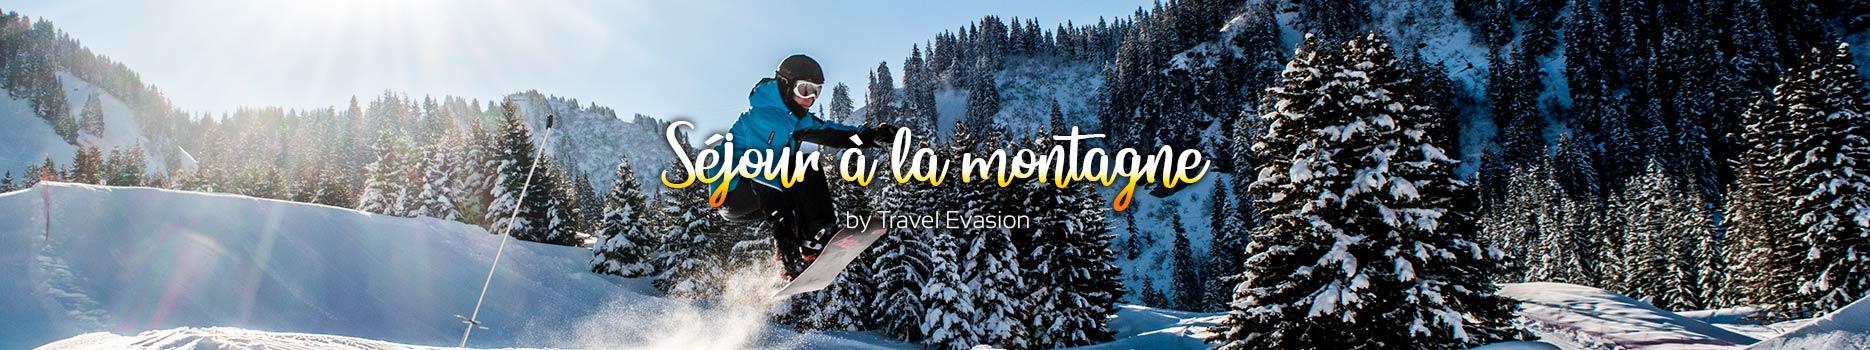 Séjour ski en France pas cher pour toute la famille.